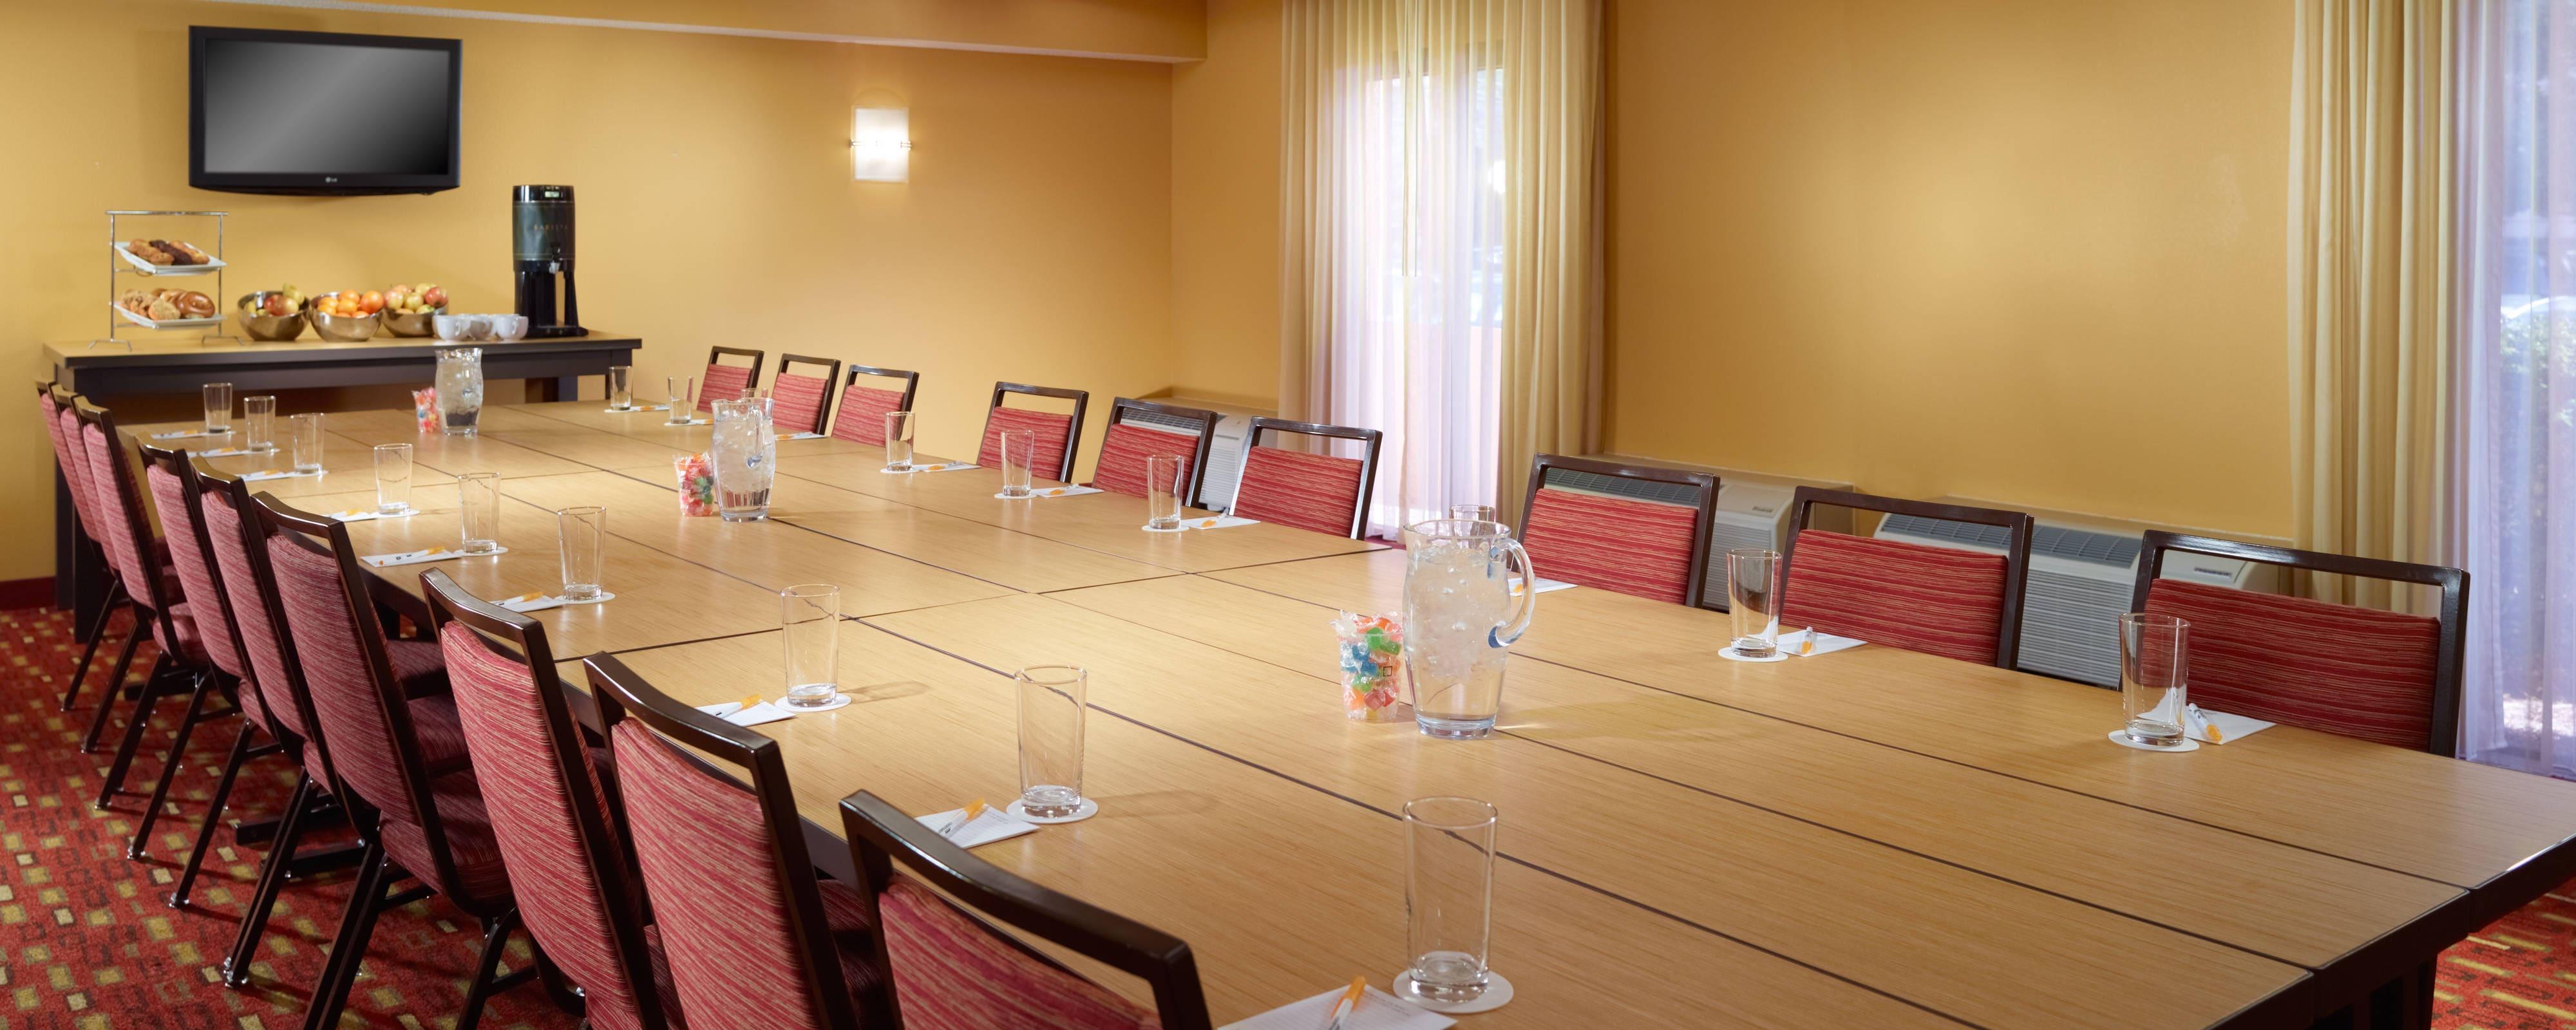 Atlanta Airport Meeting Rooms